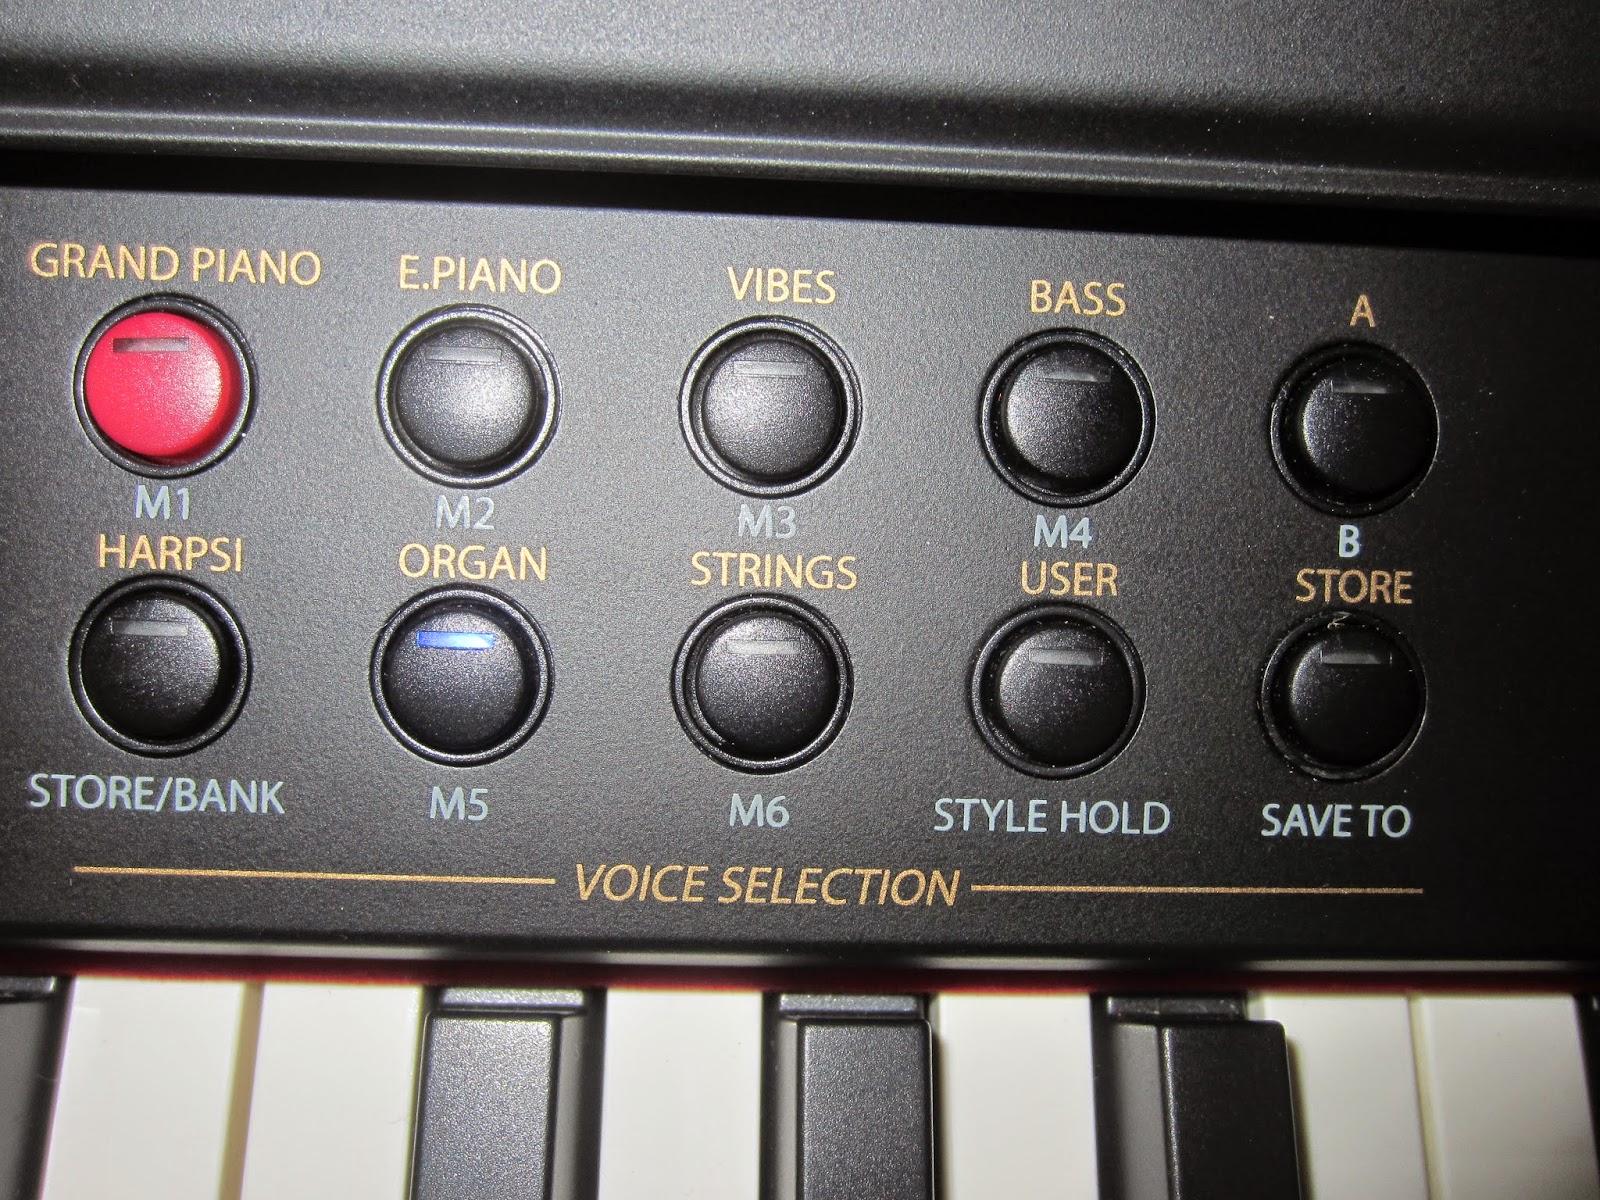 AZ PIANO REVIEWS: REVIEW - Artesia AG28 & Artesia AG40